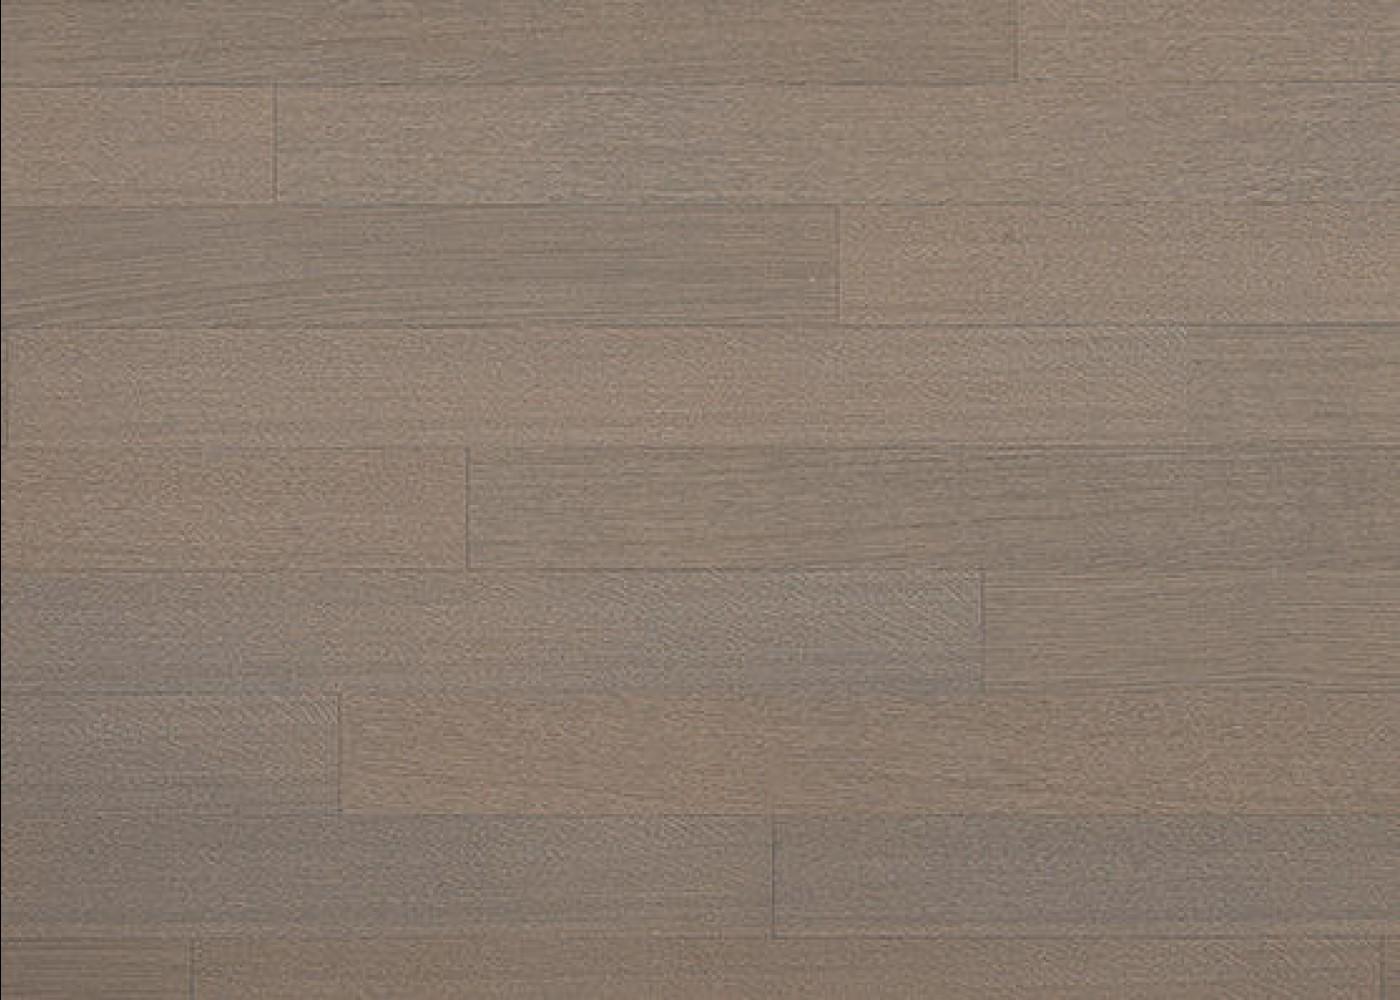 Sol plaqué bois Chêne Neuchatel brossé vernis extra-mat - Deluxe - Select 12x166x1810